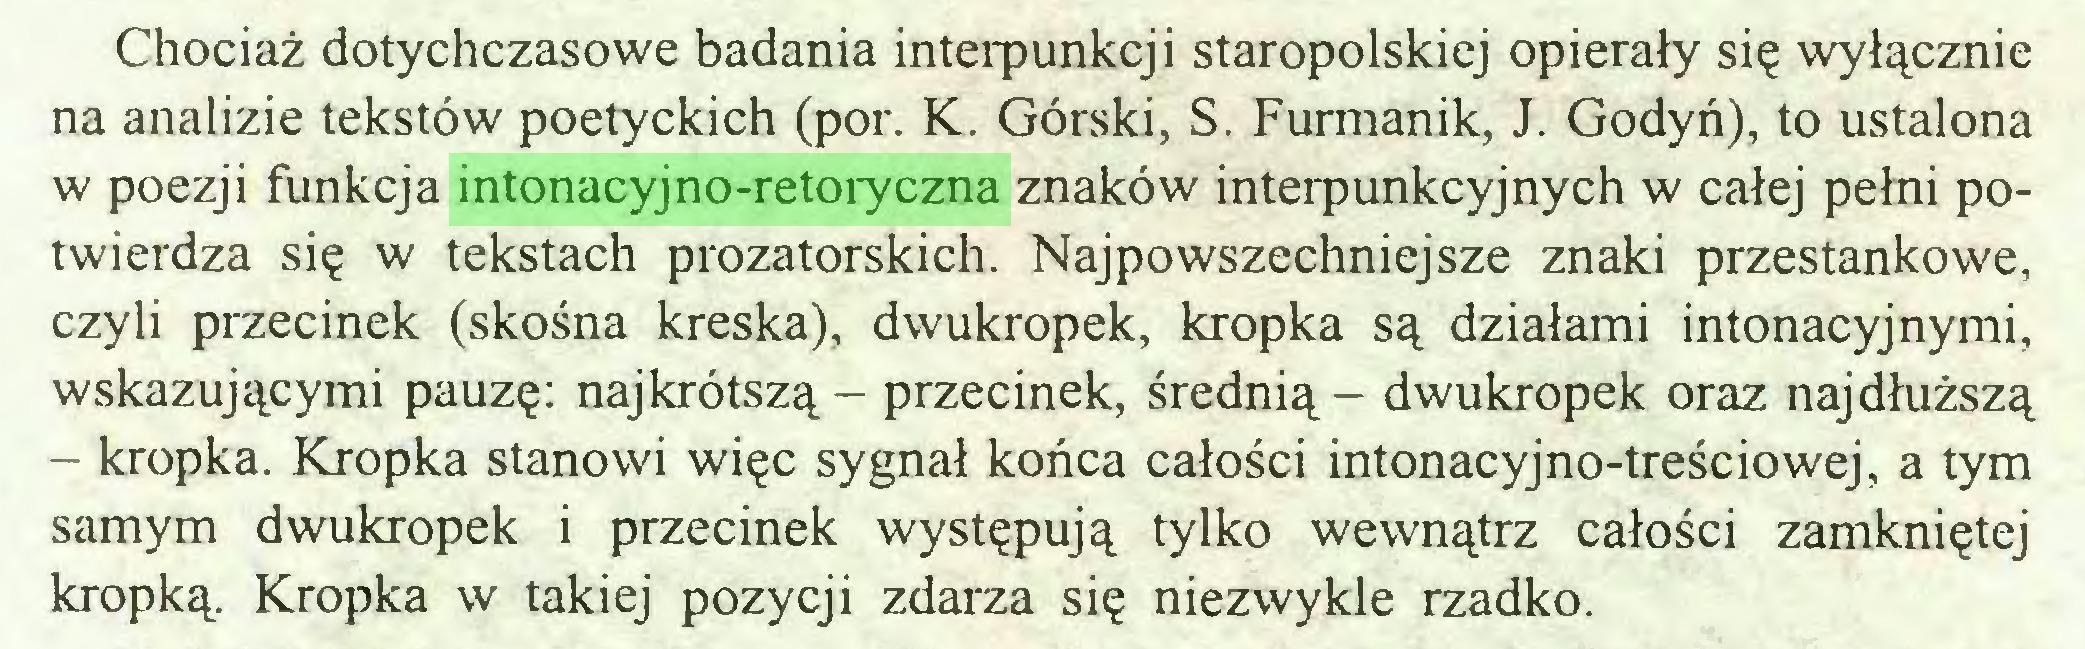 (...) Chociaż dotychczasowe badania interpunkcji staropolskiej opierały się wyłącznie na analizie tekstów poetyckich (por. K. Górski, S. Furmanik, J. Godyń), to ustalona w poezji funkcja intonacyjno-retoryczna znaków interpunkcyjnych w całej pełni potwierdza się w tekstach prozatorskich. Najpowszechniejsze znaki przestankowe, czyli przecinek (skośna kreska), dwukropek, kropka są działami intonacyjnymi, wskazującymi pauzę: najkrótszą - przecinek, średnią - dwukropek oraz najdłuższą - kropka. Kropka stanowi więc sygnał końca całości intonacyjno-treściowej, a tym samym dwukropek i przecinek występują tylko wewnątrz całości zamkniętej kropką. Kropka w takiej pozycji zdarza się niezwykle rzadko...